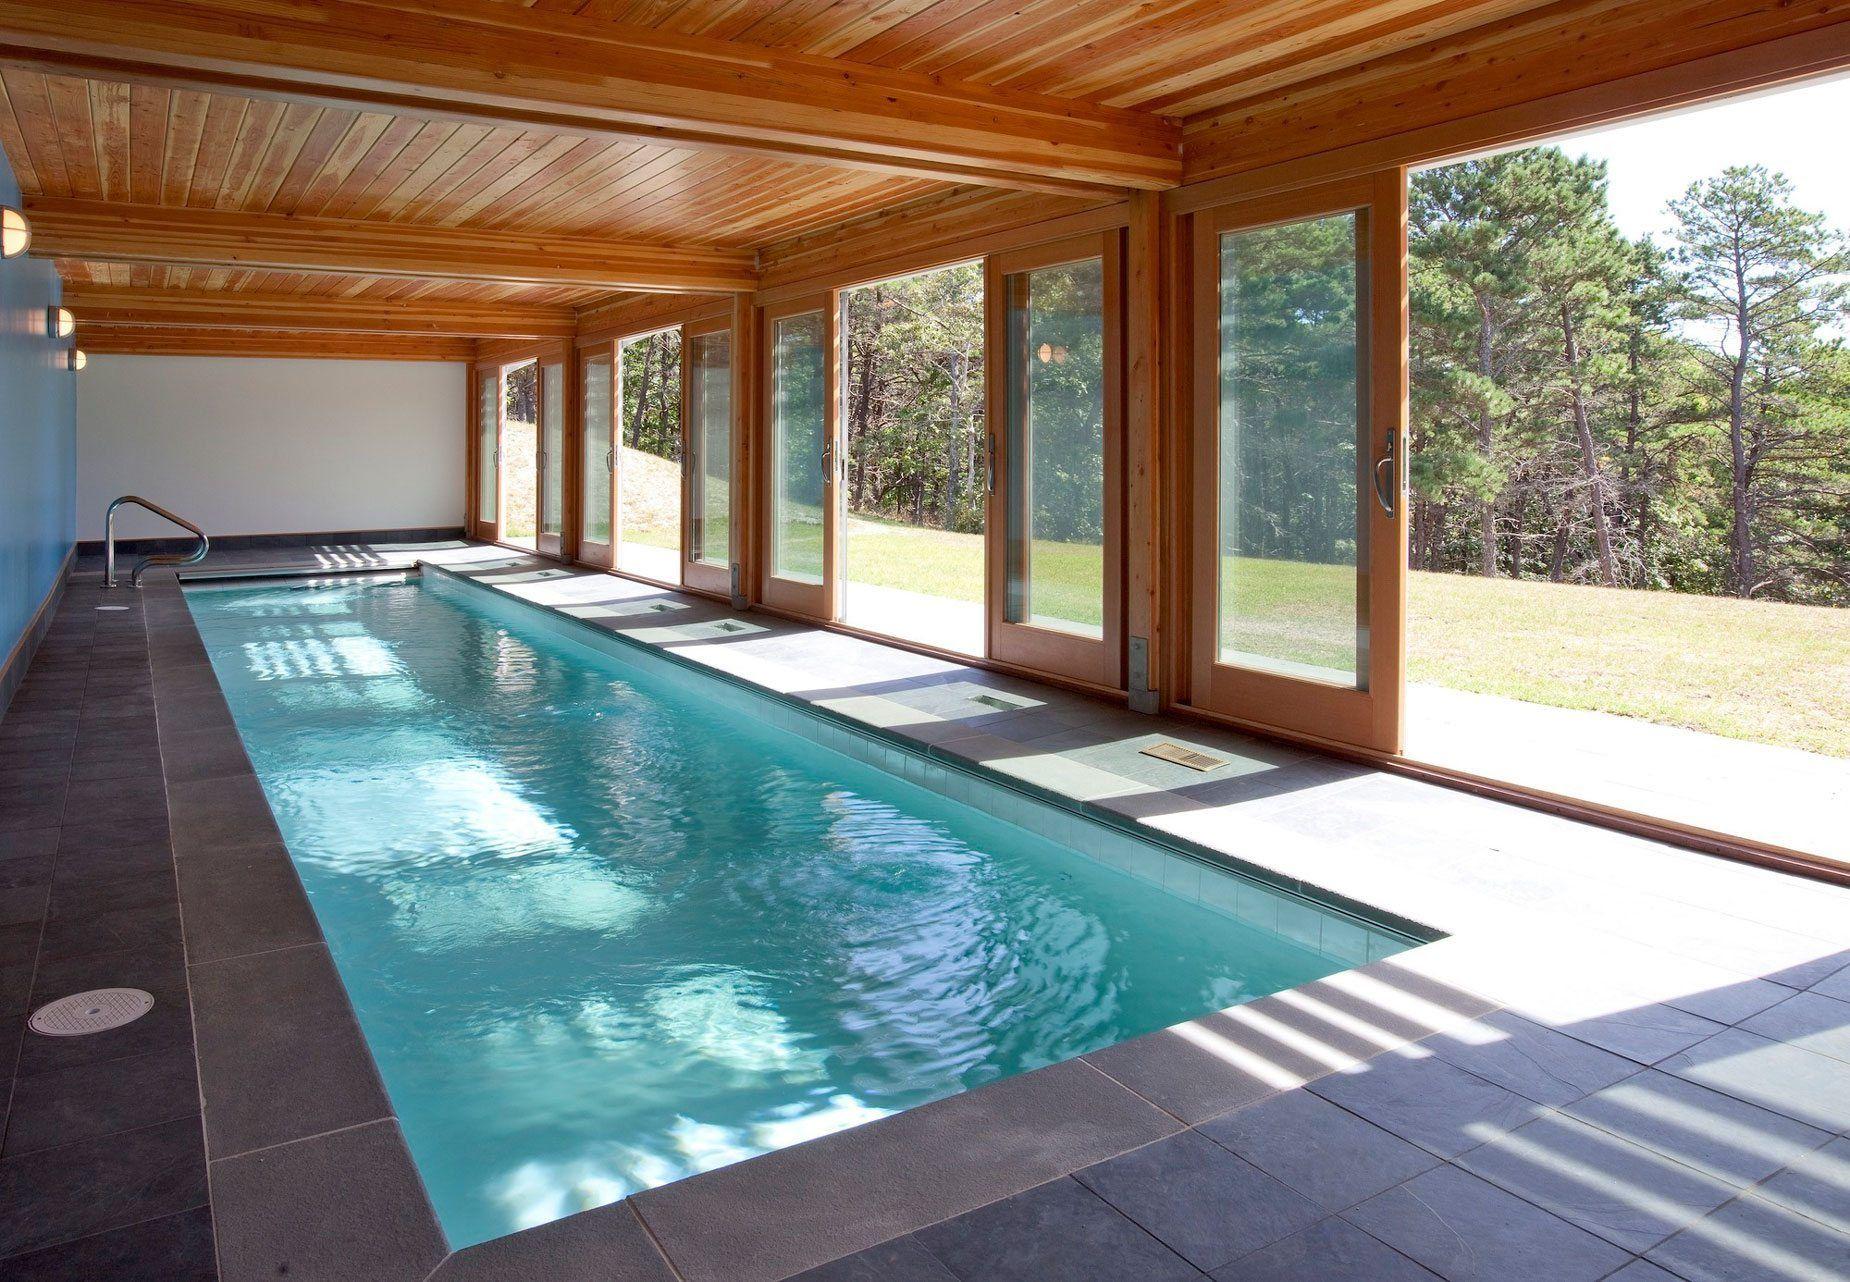 Indoor Pool Design Guidelines Indoor Swimming Pool Design Indoor Pool Design Small Indoor Pool